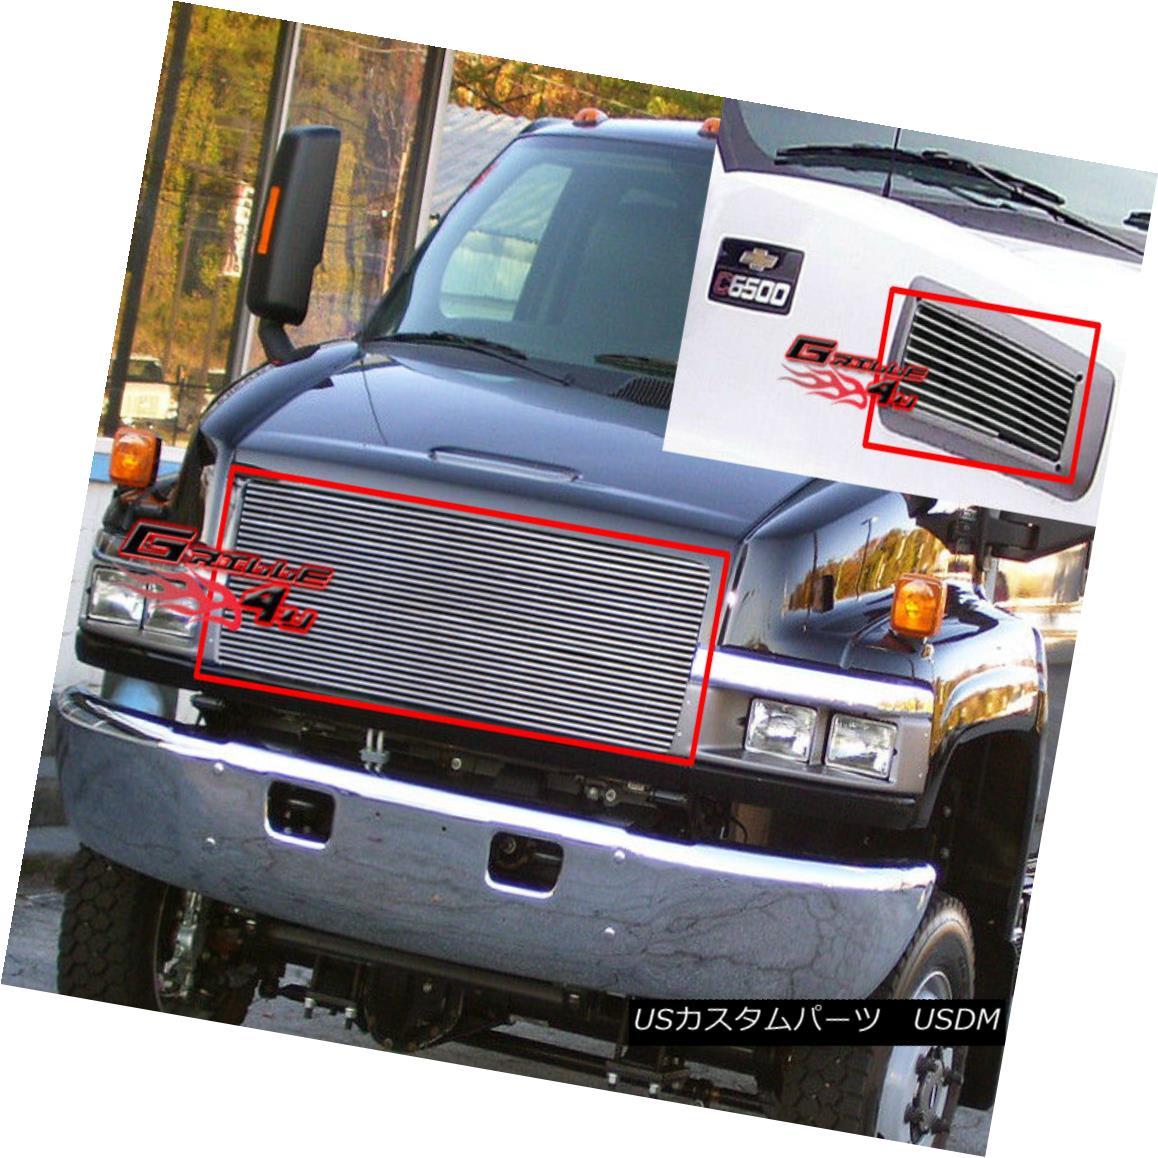 グリル For 03-09 Chevy Kodiak C4500-C9500 Billet Grille Combo 03-09 Chevy Kodiak C4500-C9500ビレットグリルコンボ用